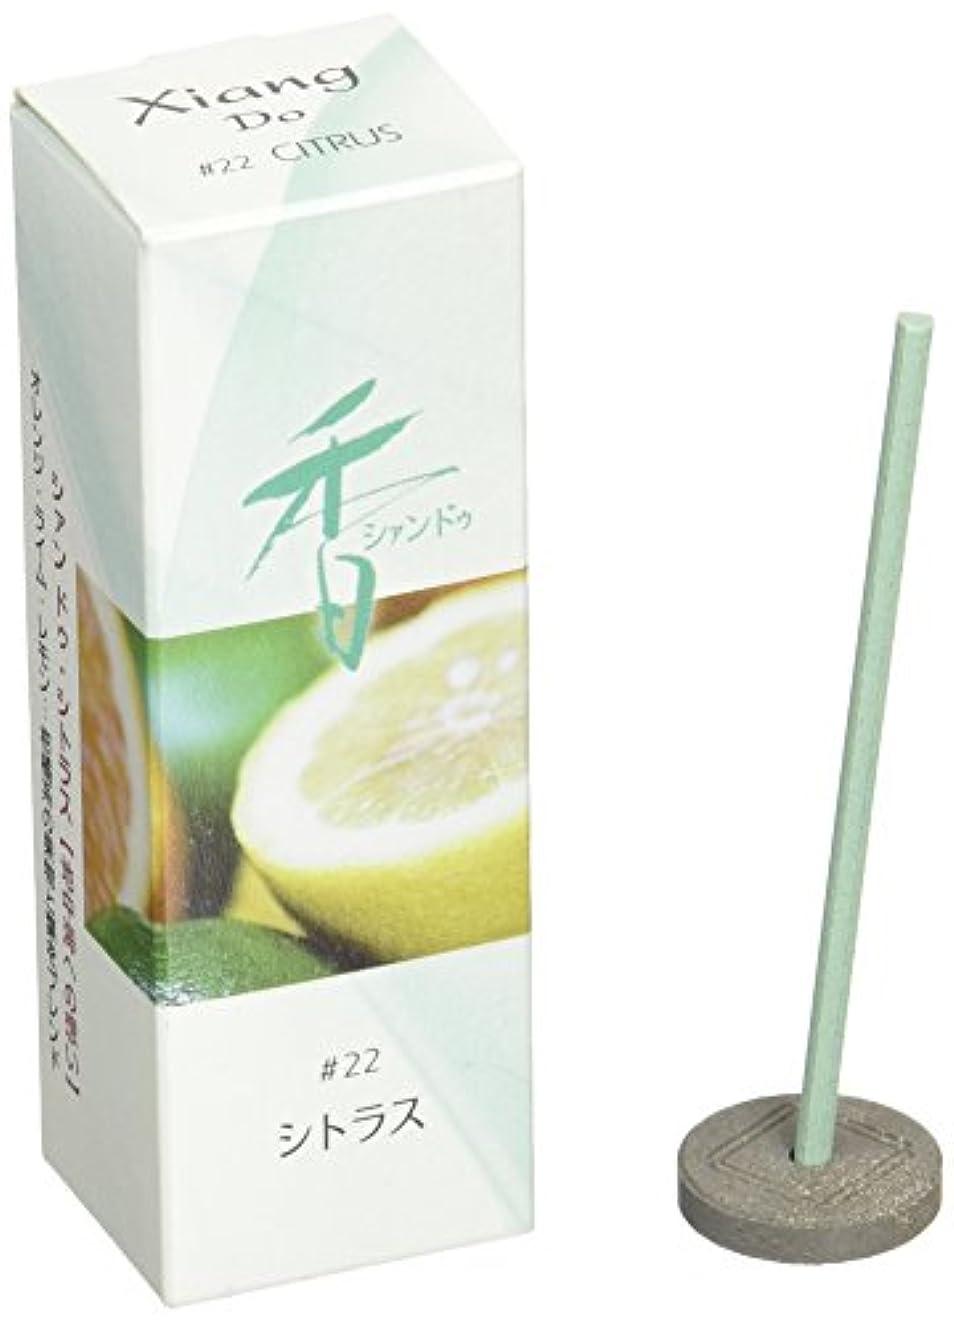 不適切な立場案件松栄堂のお香 Xiang Do(シャンドゥ) シトラス ST20本入 簡易香立付 #214222